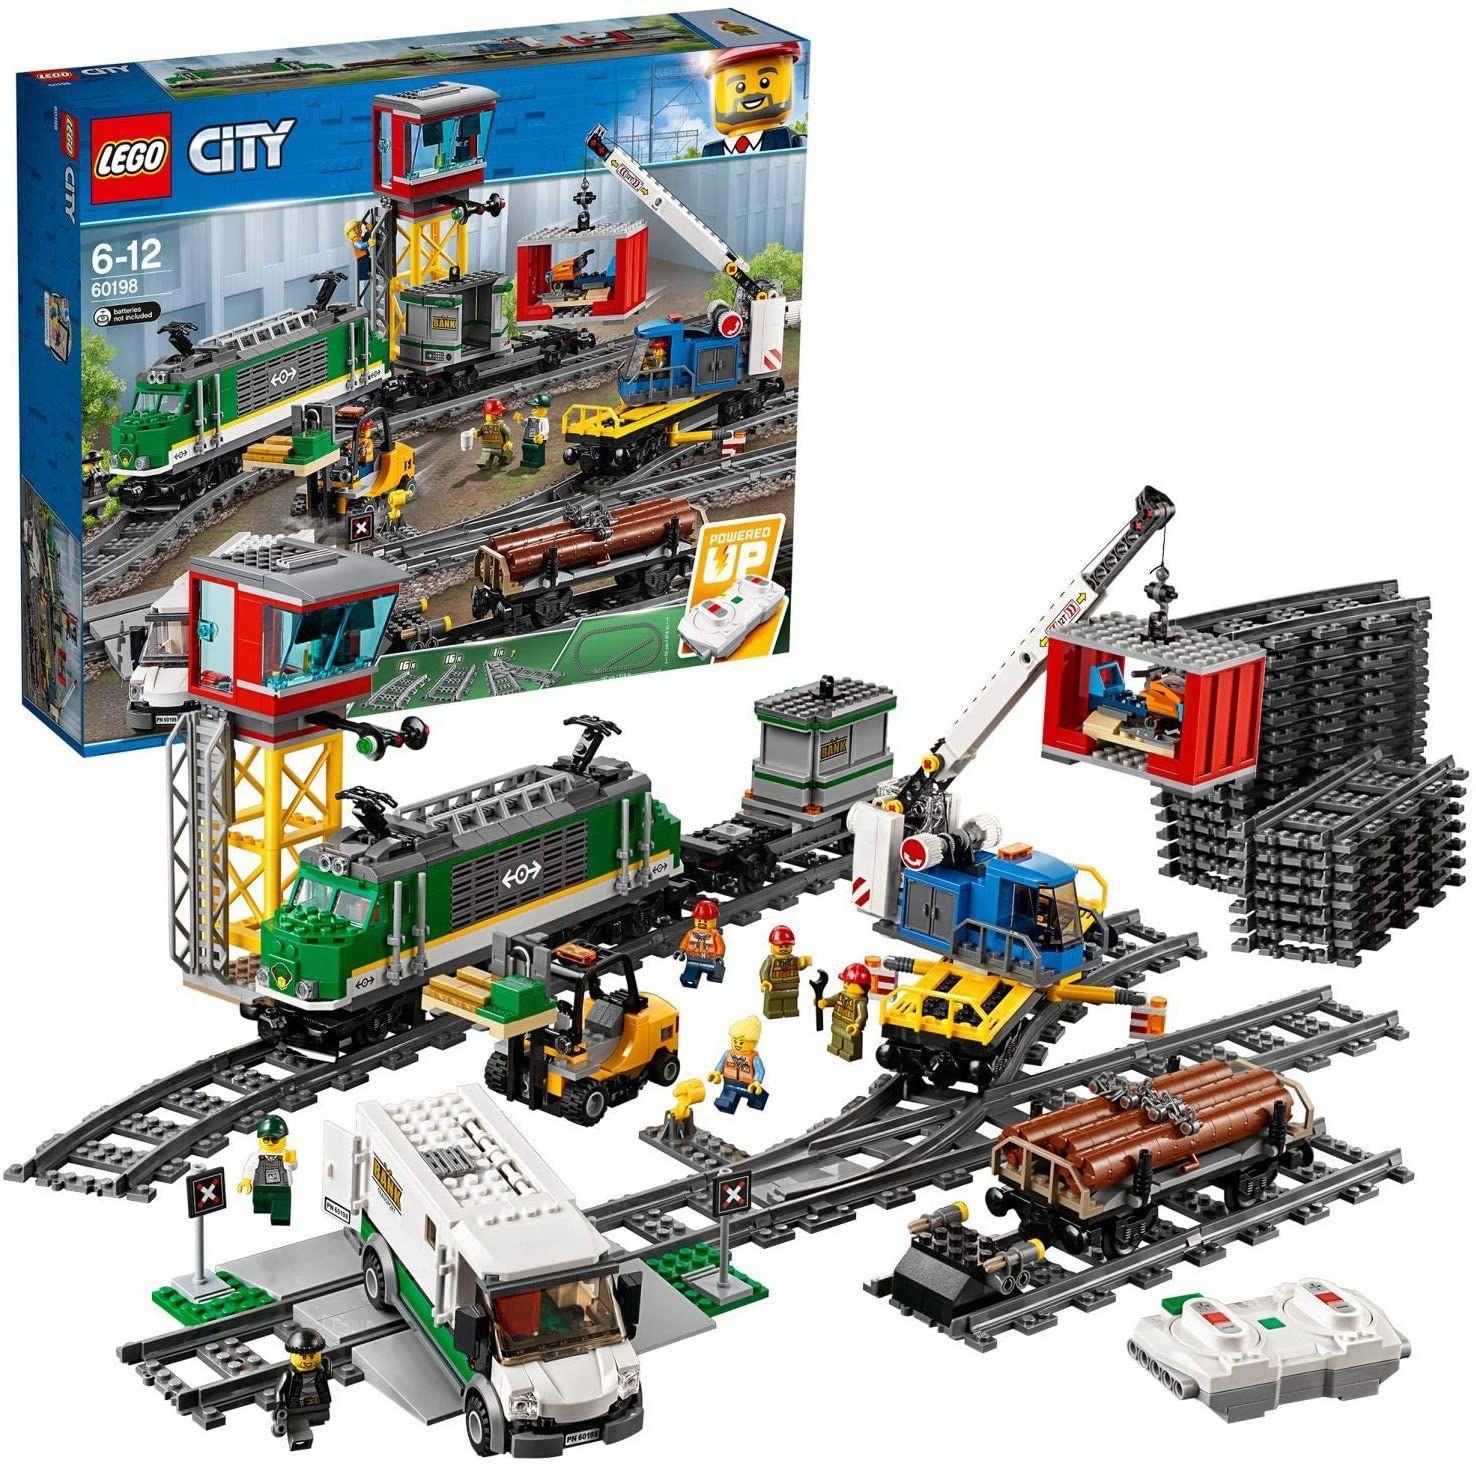 LEGO Sammeldeal z.B LEGO 60198 City Güterzug, Set mit batteriebetriebenem Motor für Kinder ab 6 Jahren, Bluetooth-Fernbedienung, 3 Wagen